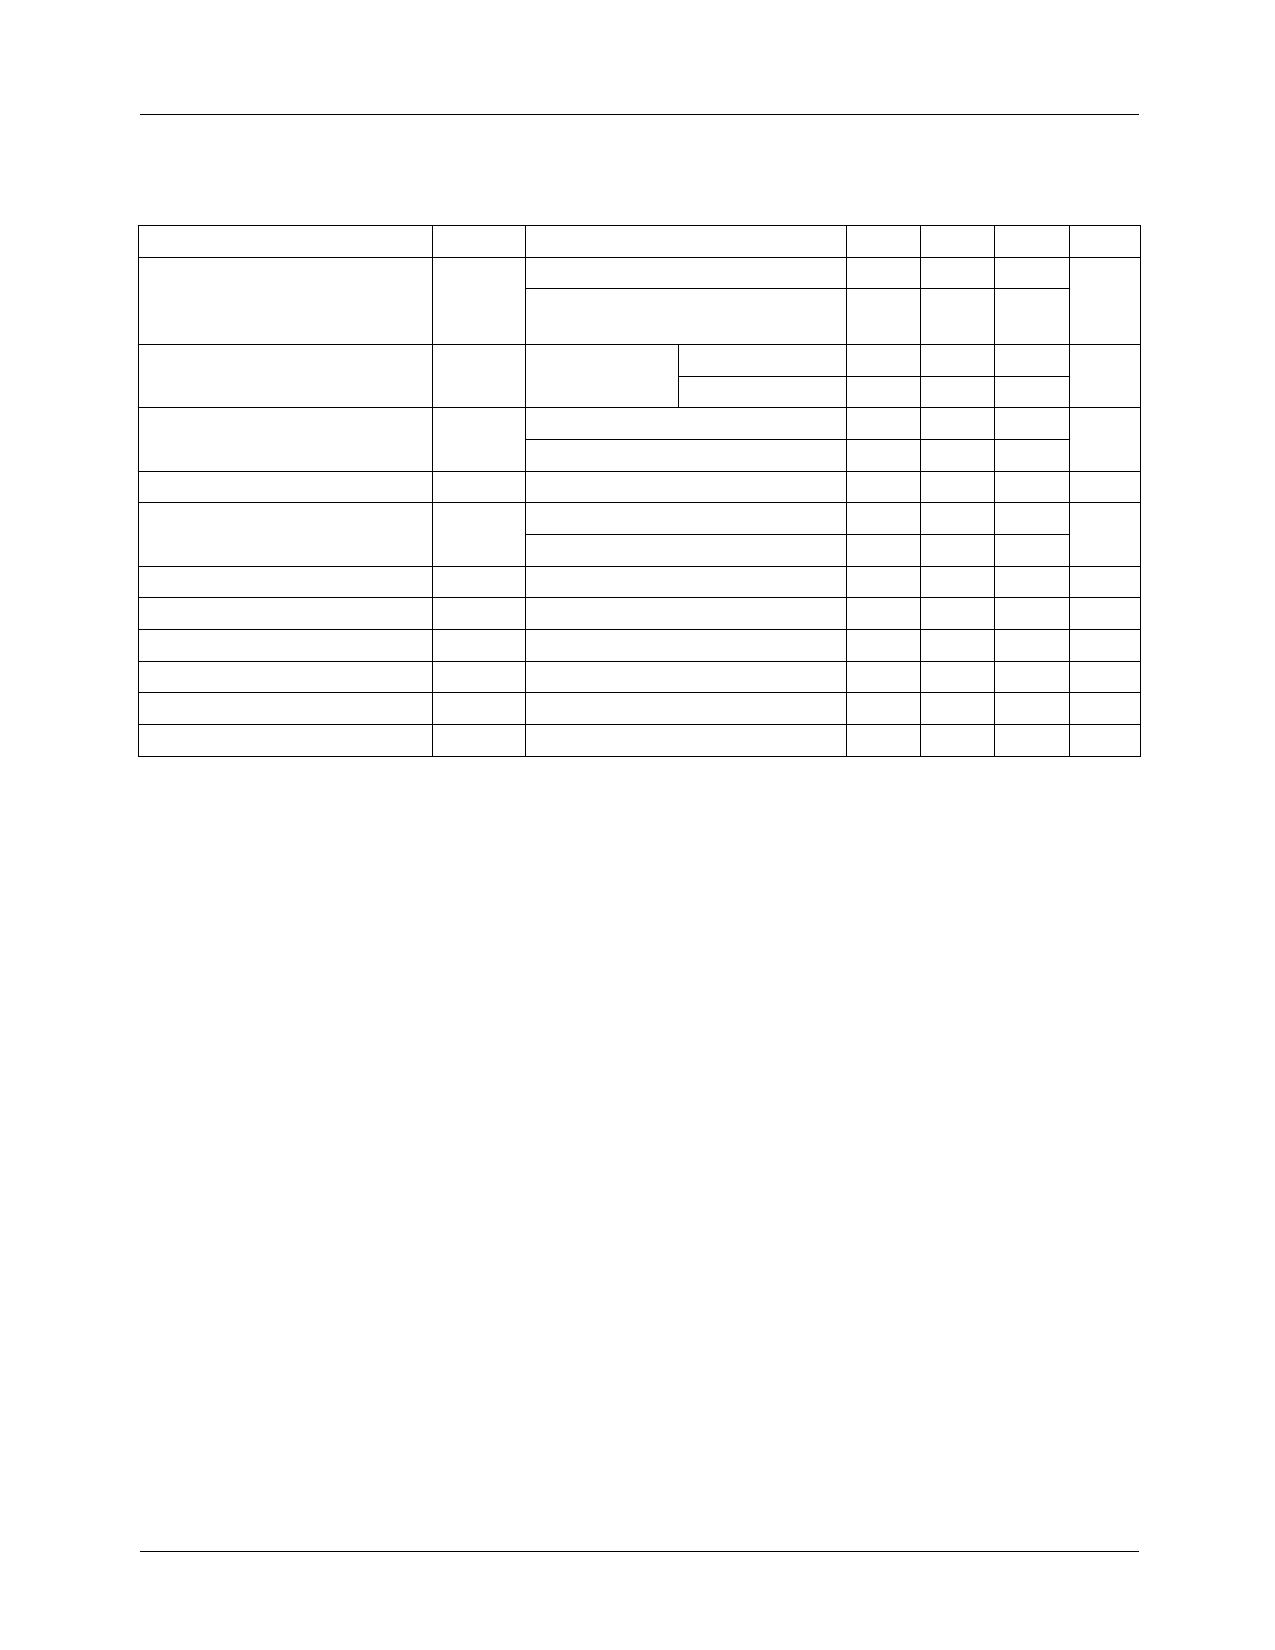 KA7905A pdf, ピン配列